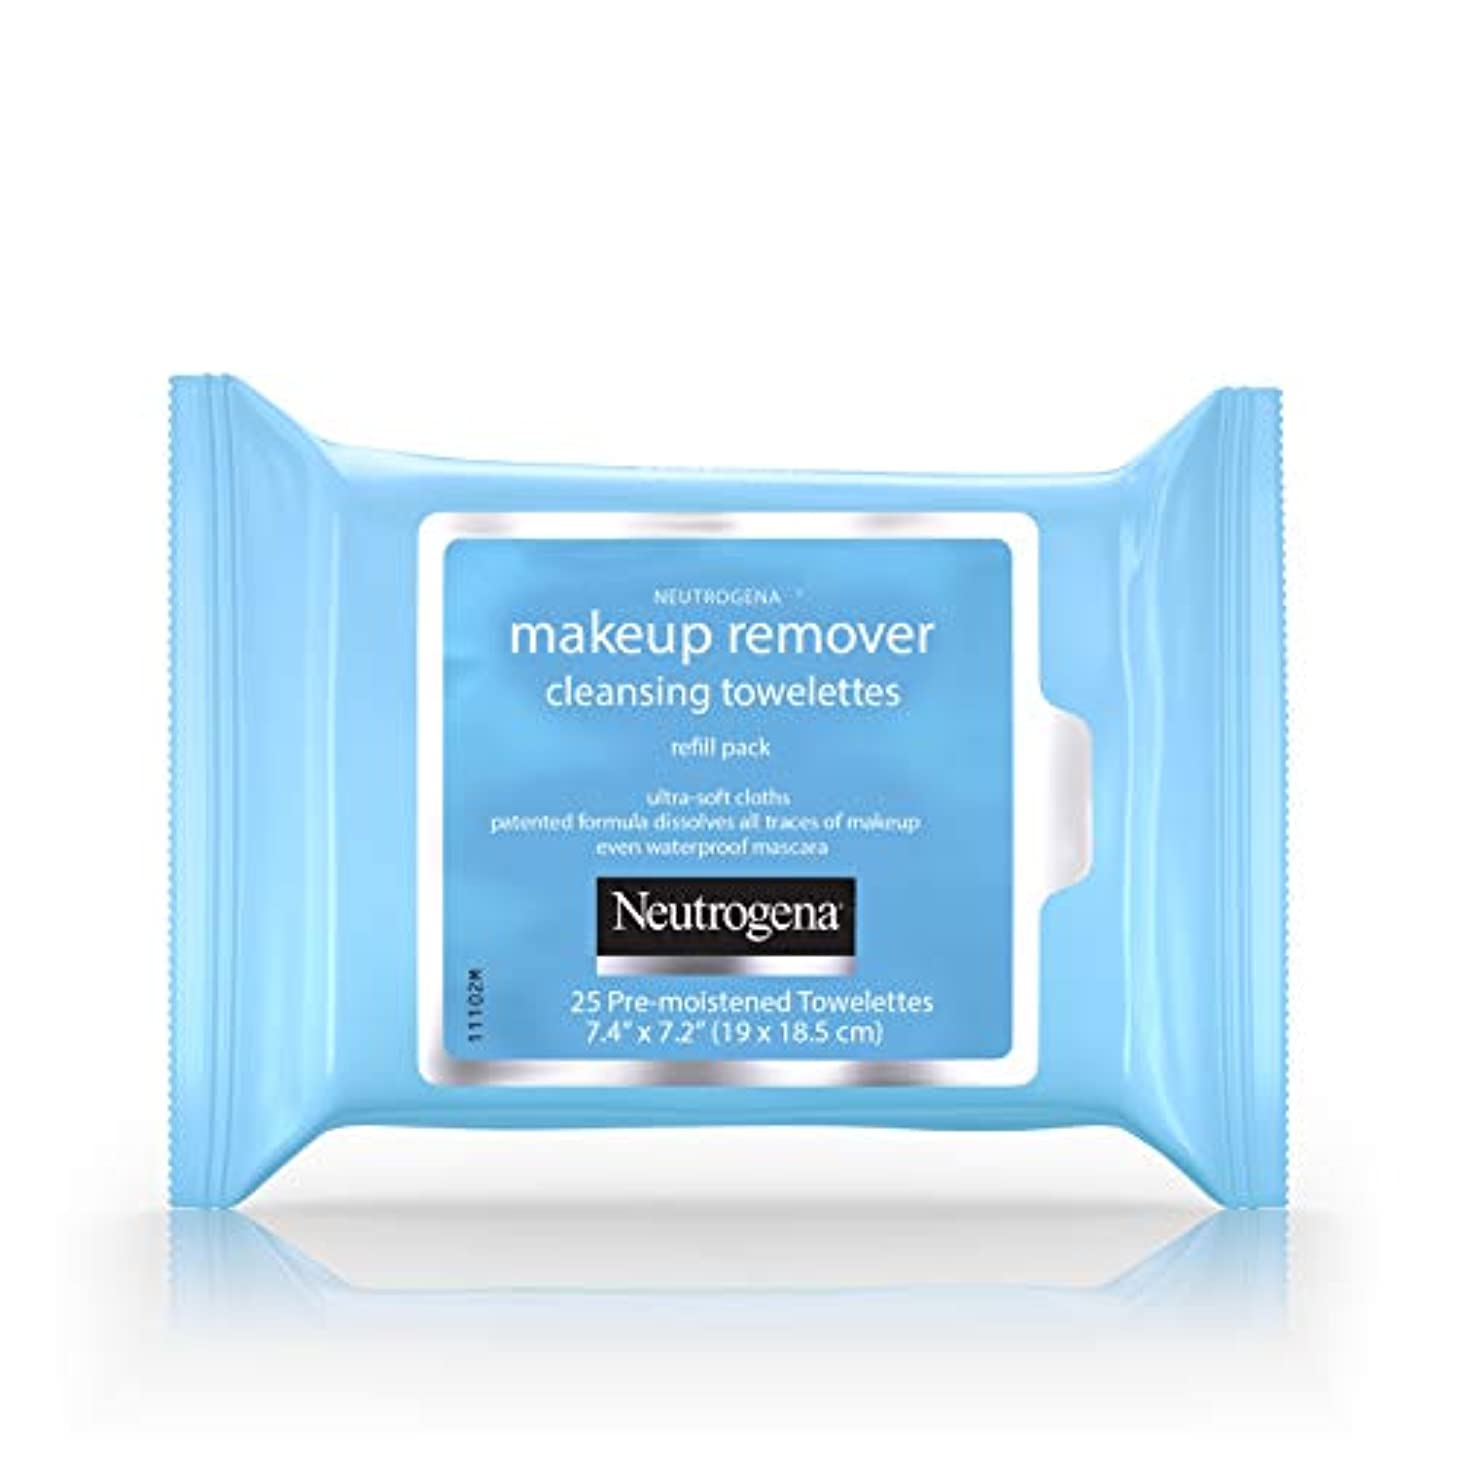 多分時計回りお勧めNeutrogena Make-up Remover Cleansing Towelettes Refill Pack 25 Pc (並行輸入品)